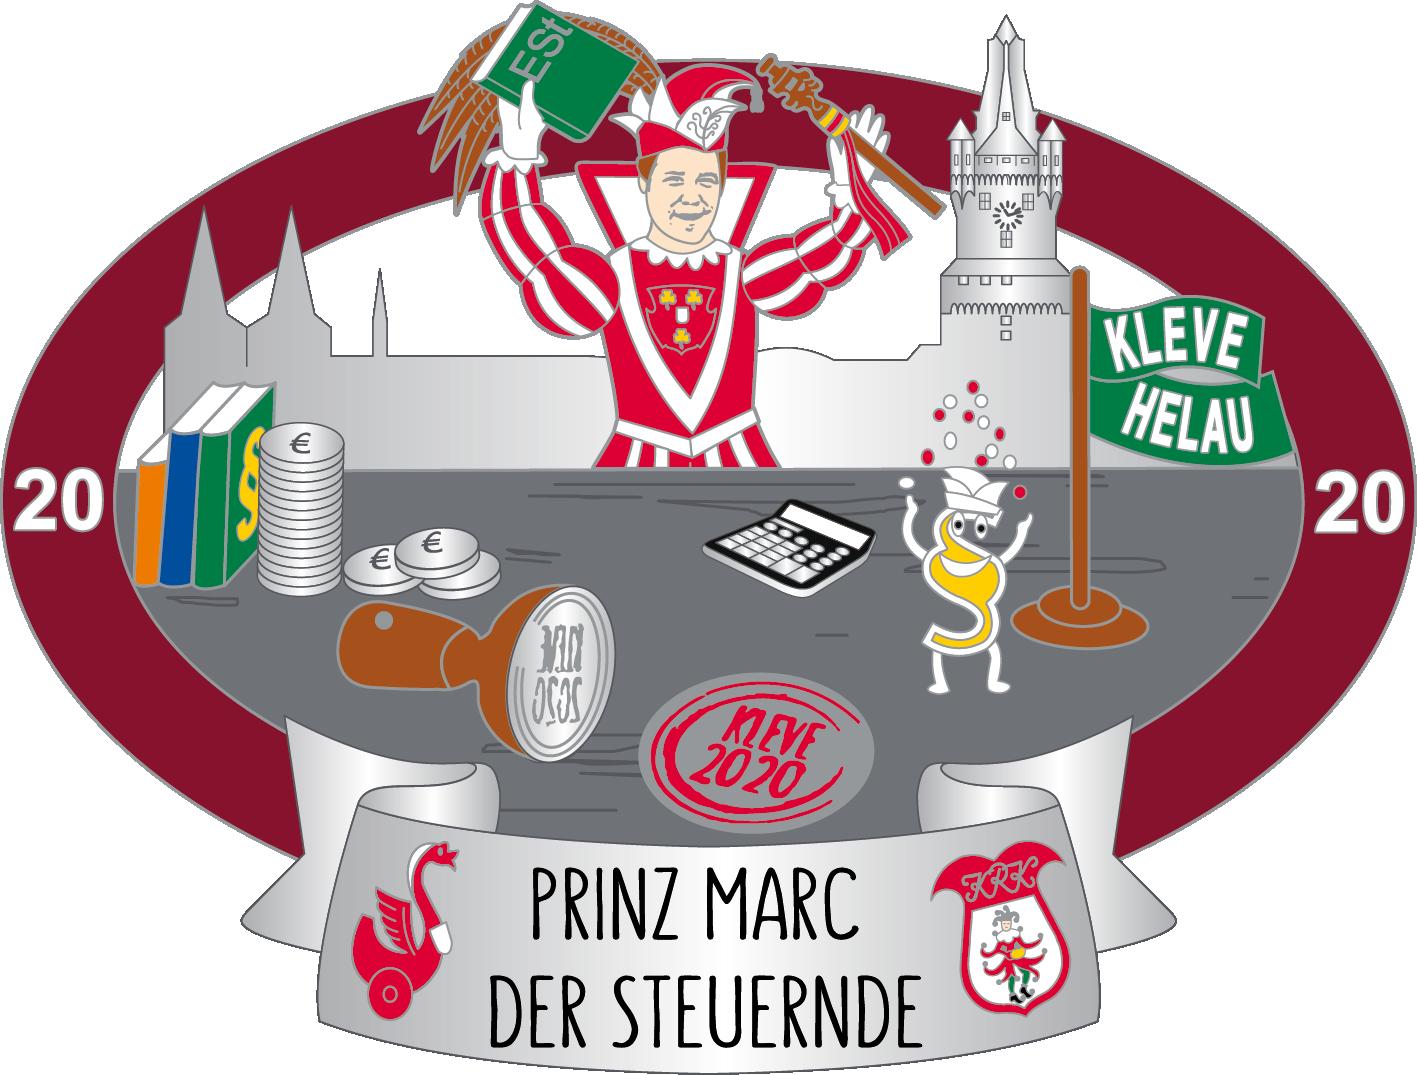 Prinz Marc